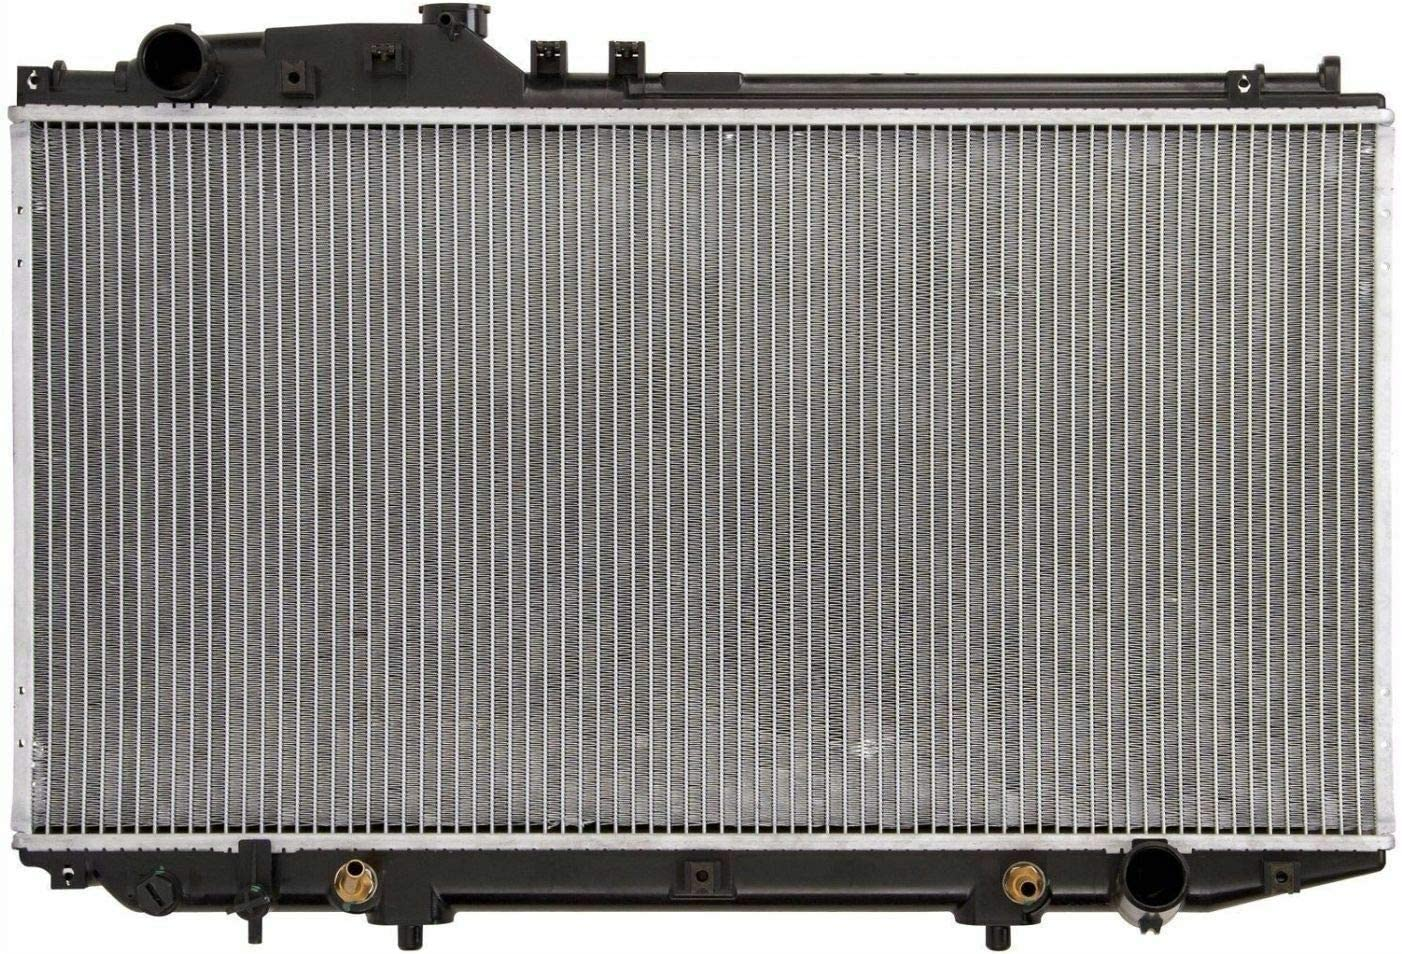 Radiator For 93-98 Subaru Impreza H4 1.8L 2.2L Coupe Sedan Wagon SU3010107 New